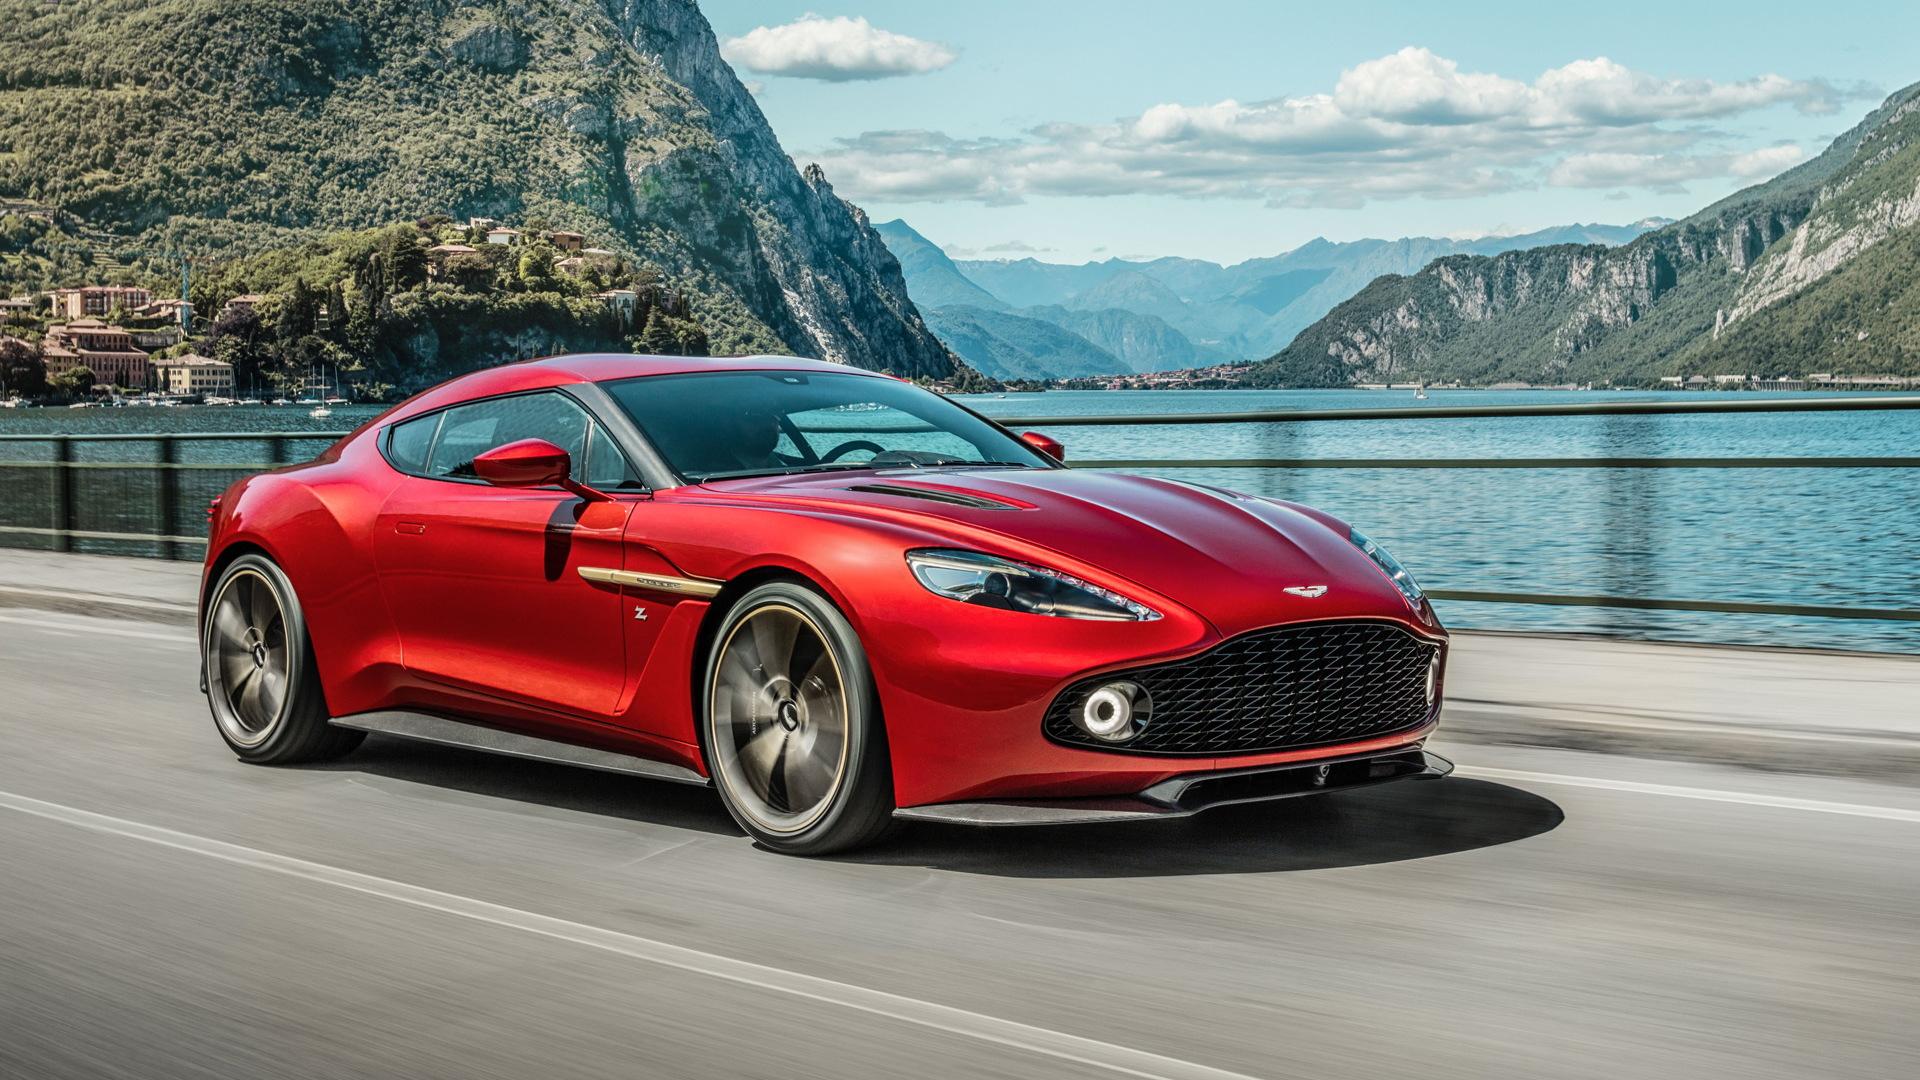 Aston Martin Vanquish Zagato concept, 2016 Concorso d'Eleganza Villa d'Este